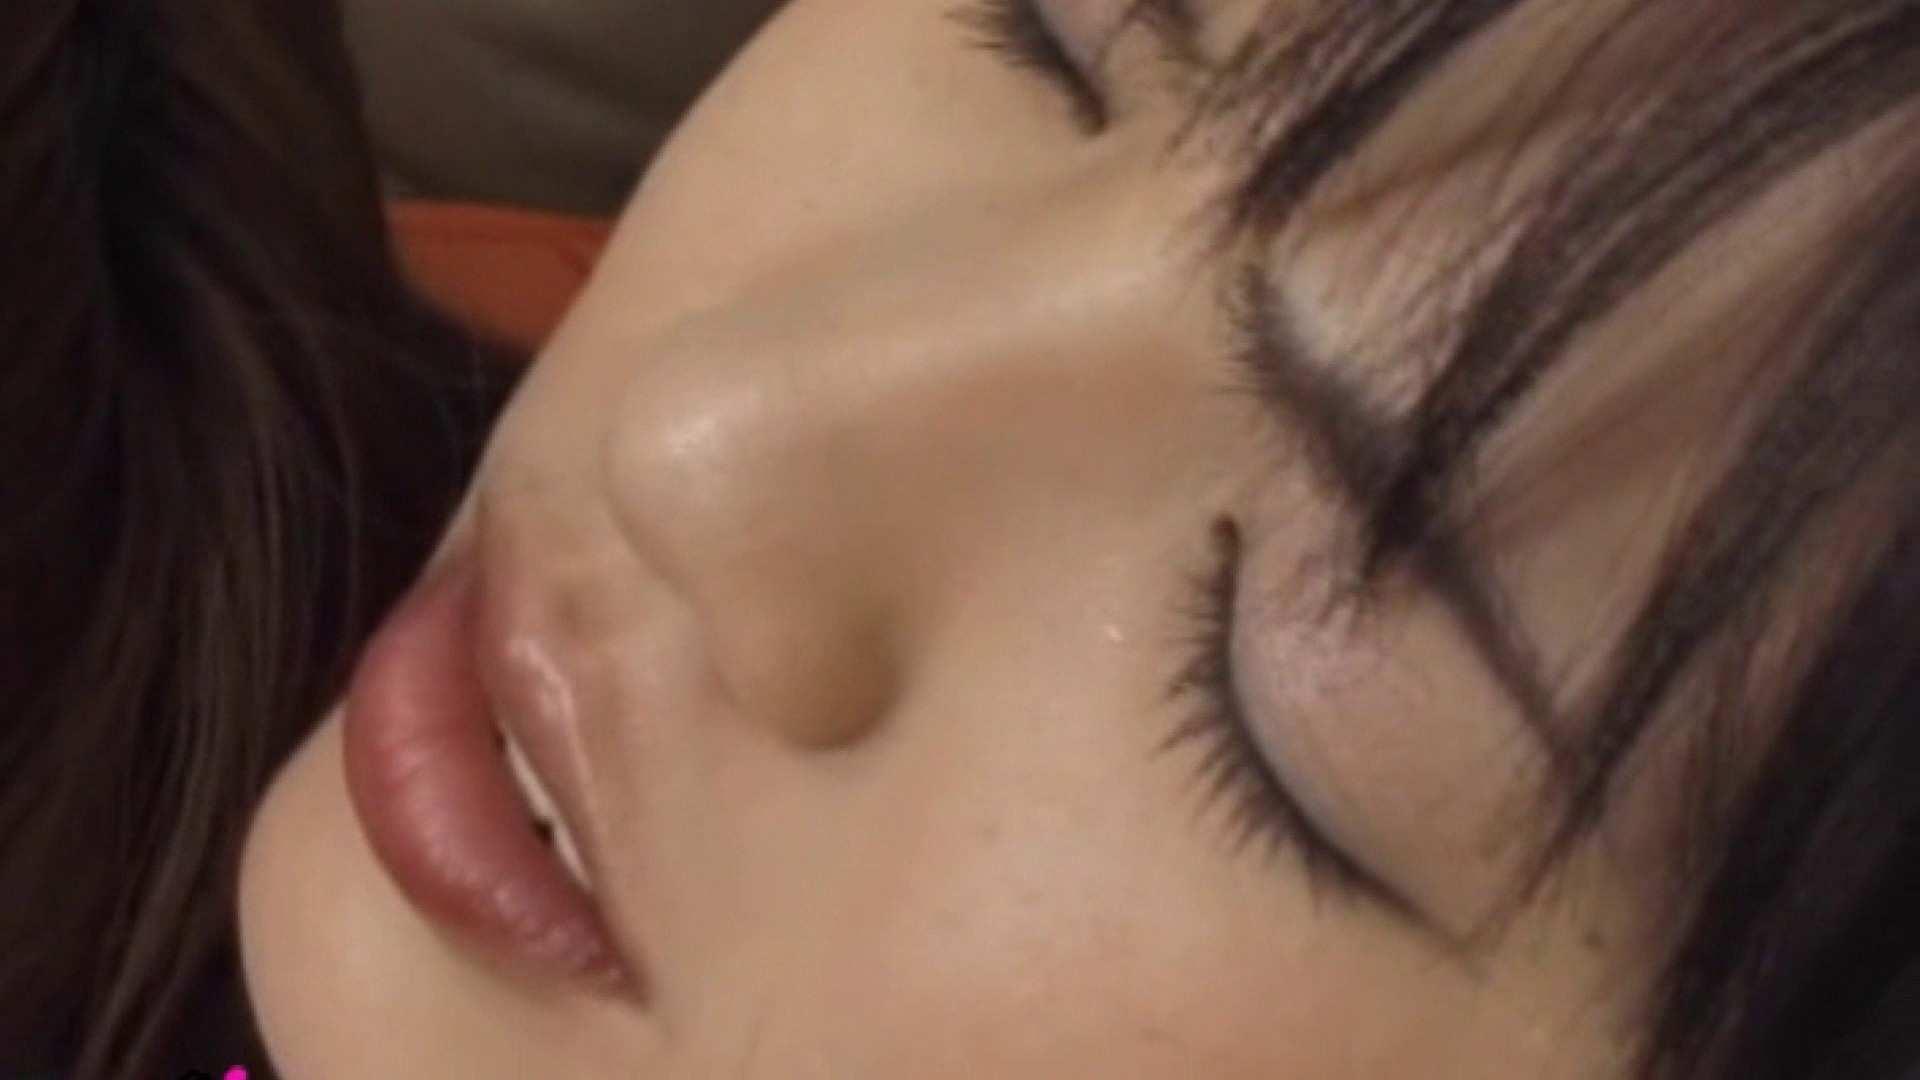 おしえてギャル子のH塾 Vol.42前編 マンコ映像 AV無料 101連発 40